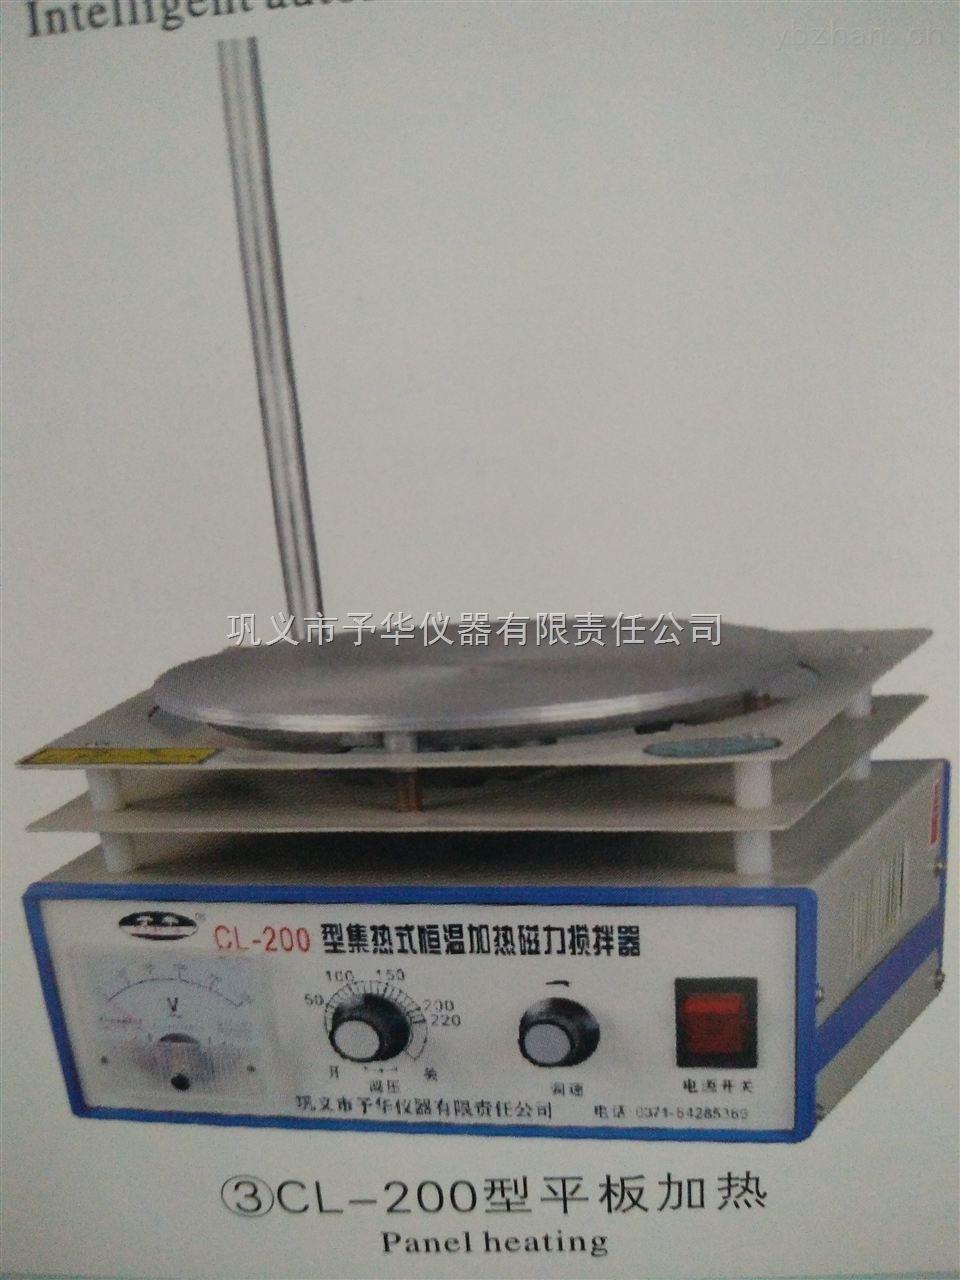 CL-200-CL-200集热式恒温加热磁力搅拌器批发价正品包邮